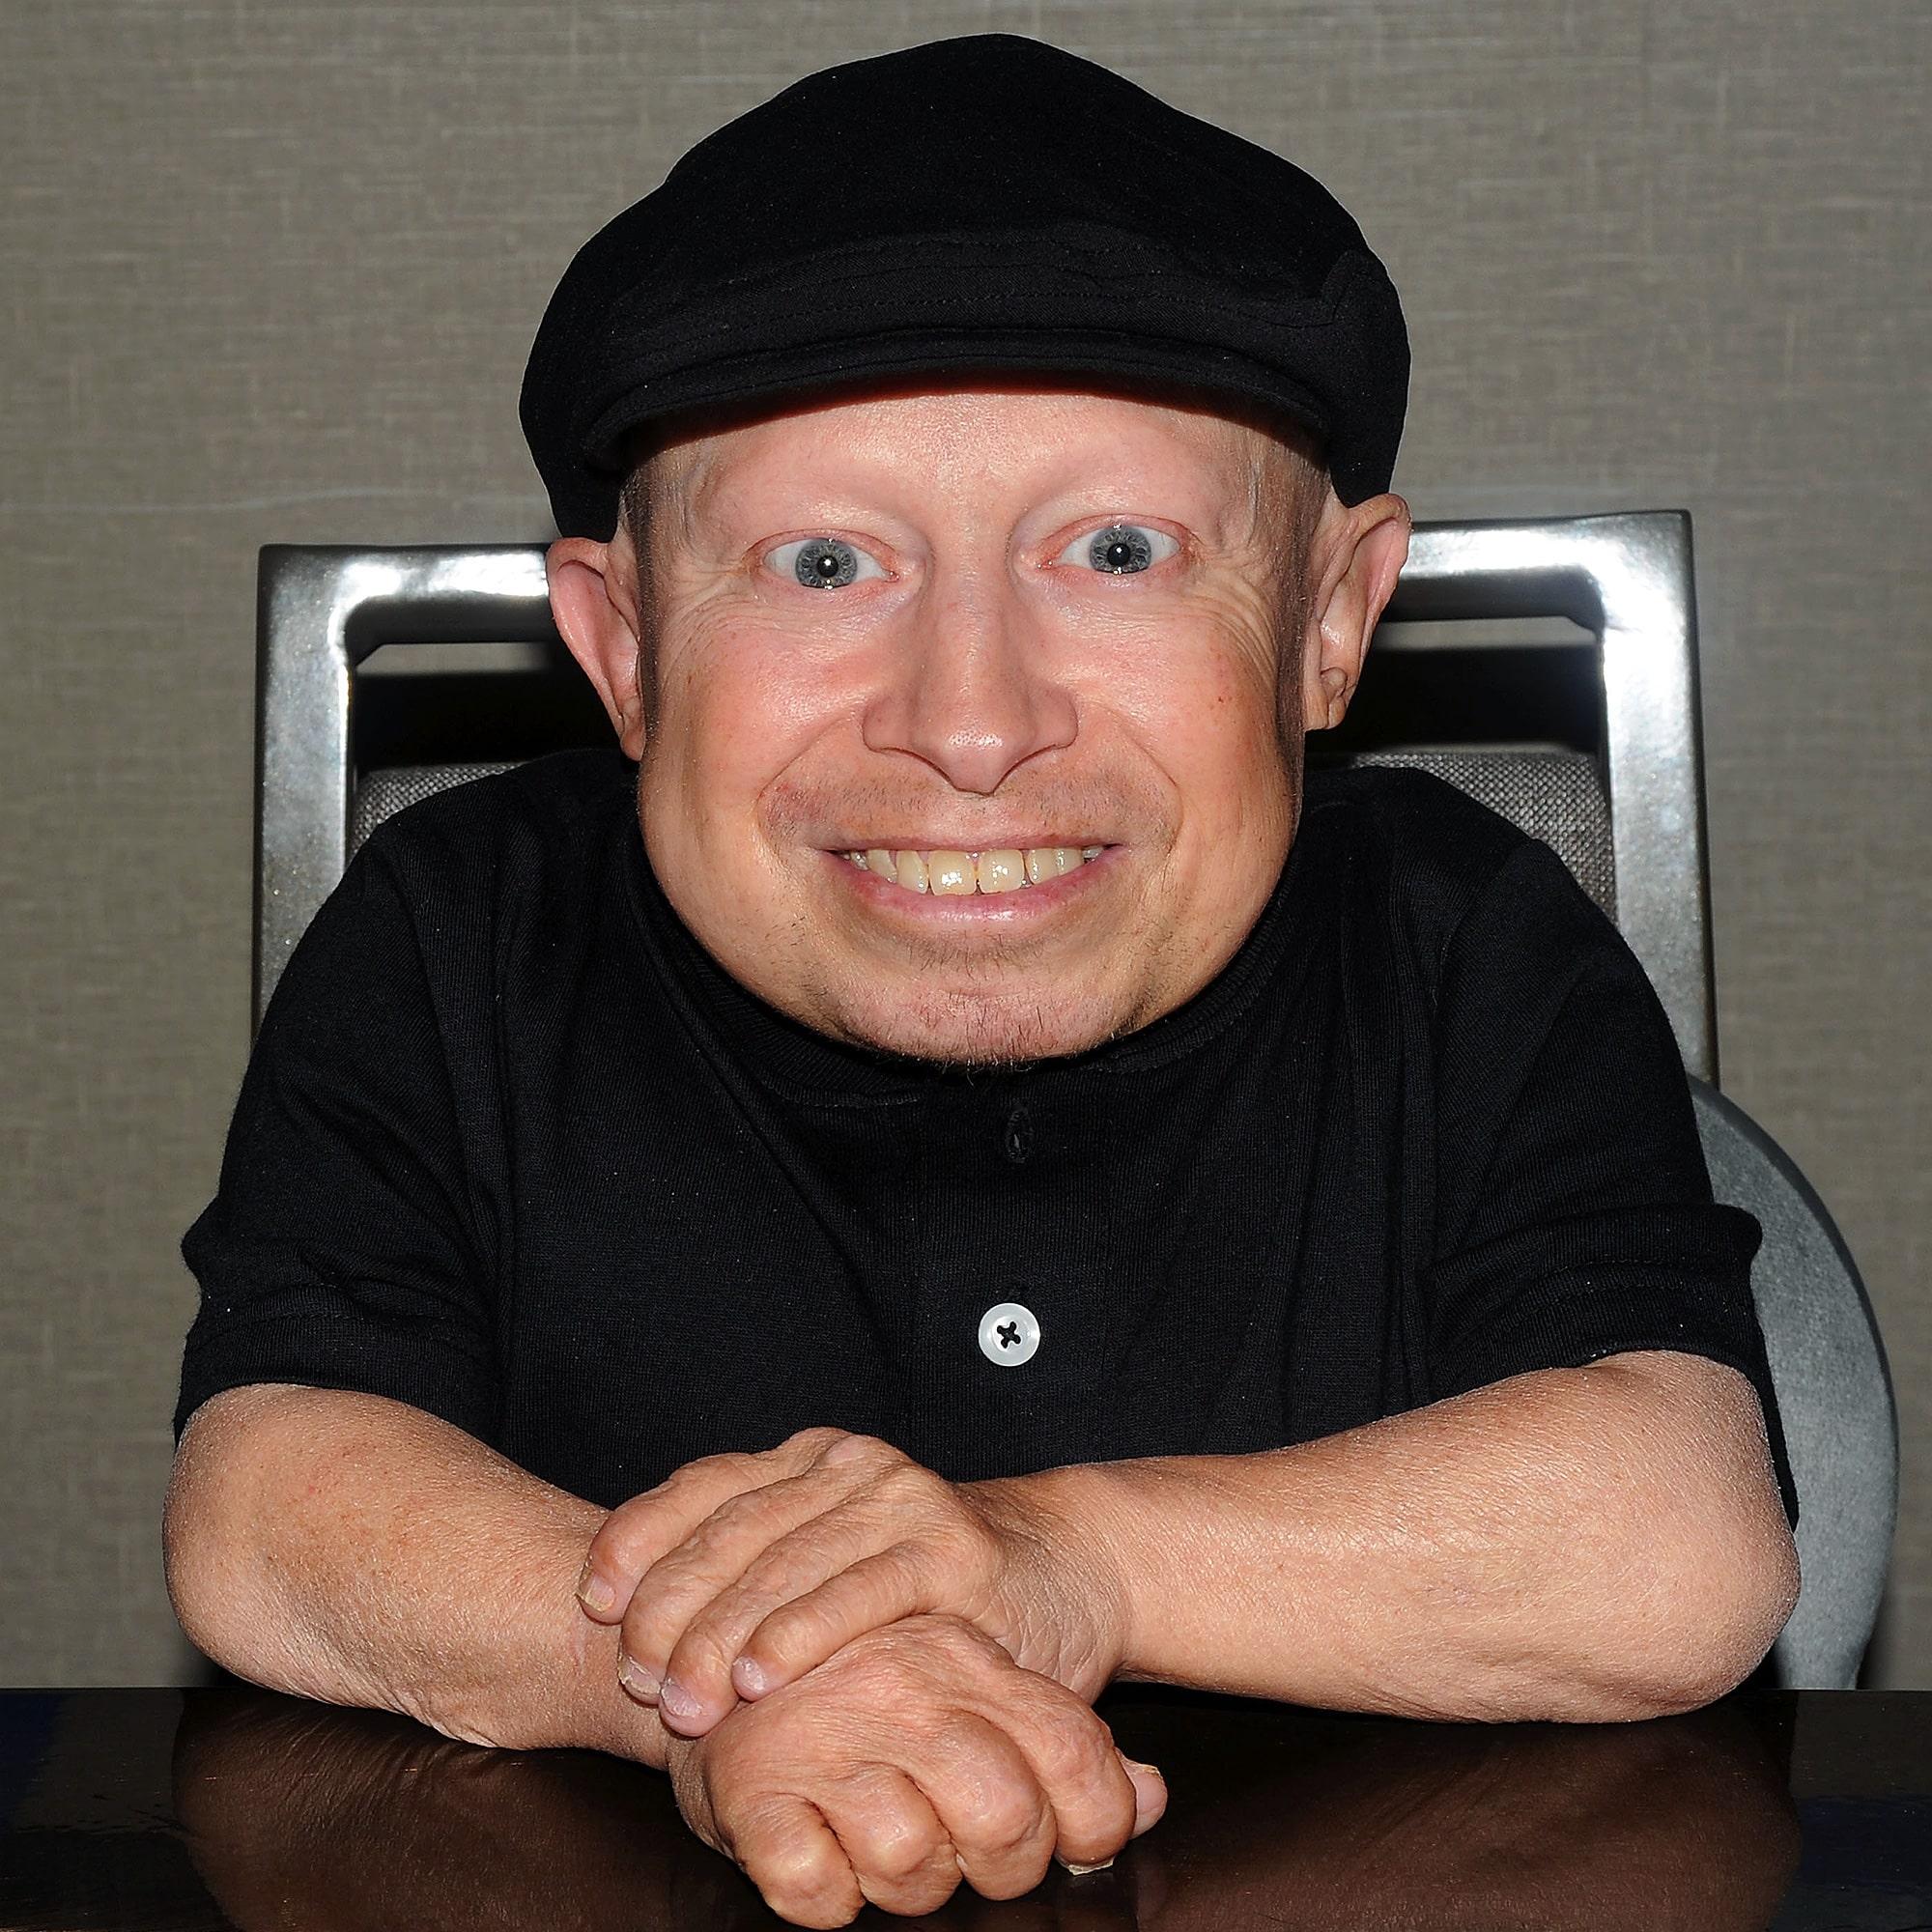 Mini-Me Austin Powers actor Verne Troyer dies aged 49